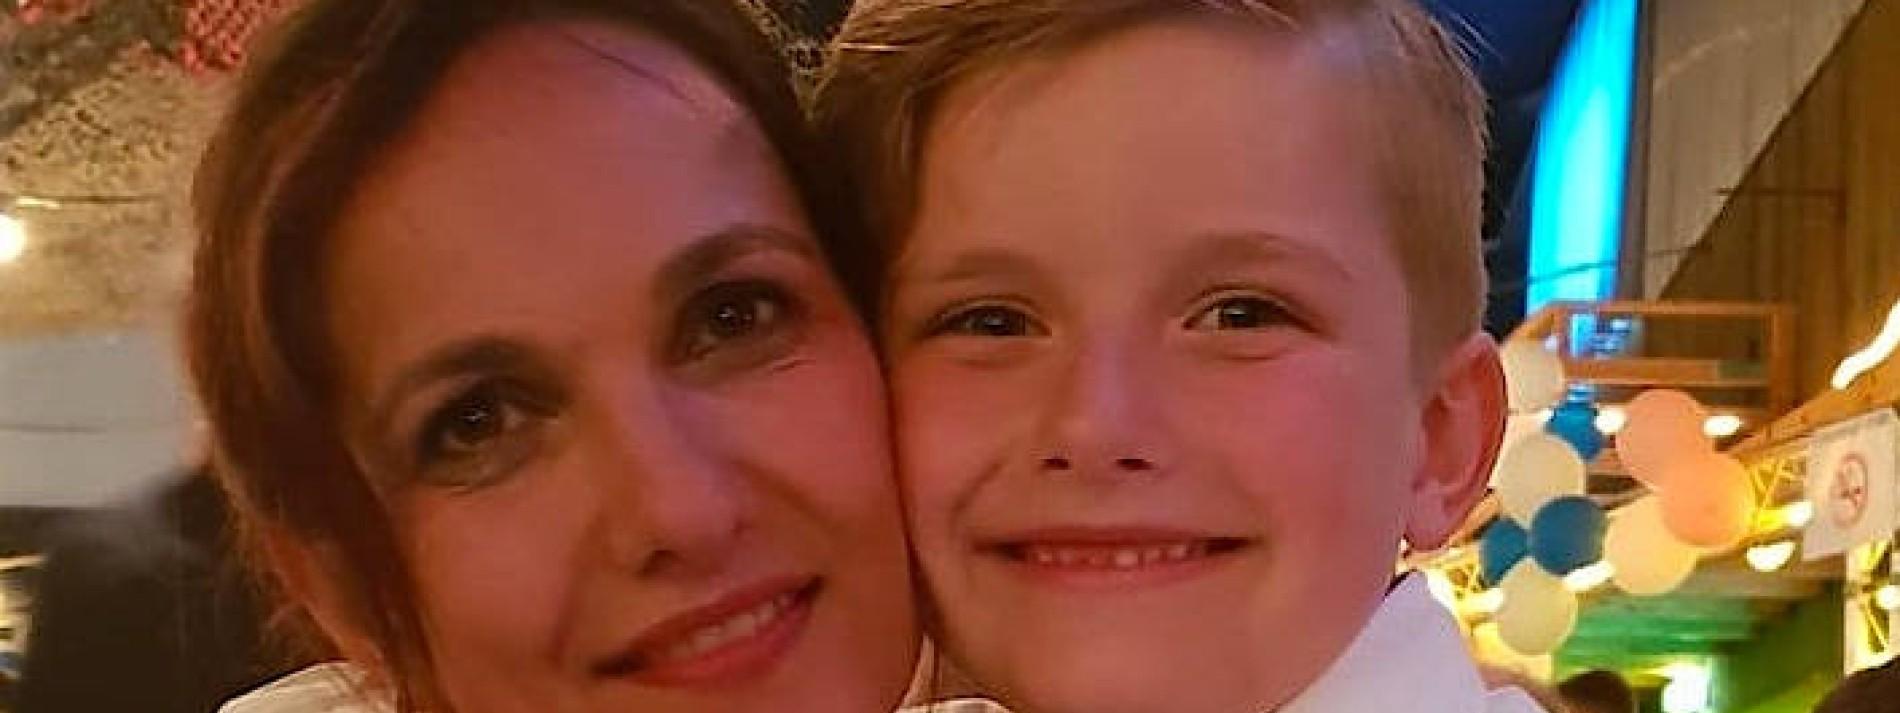 Lebenszeichen von verschwundener Mutter